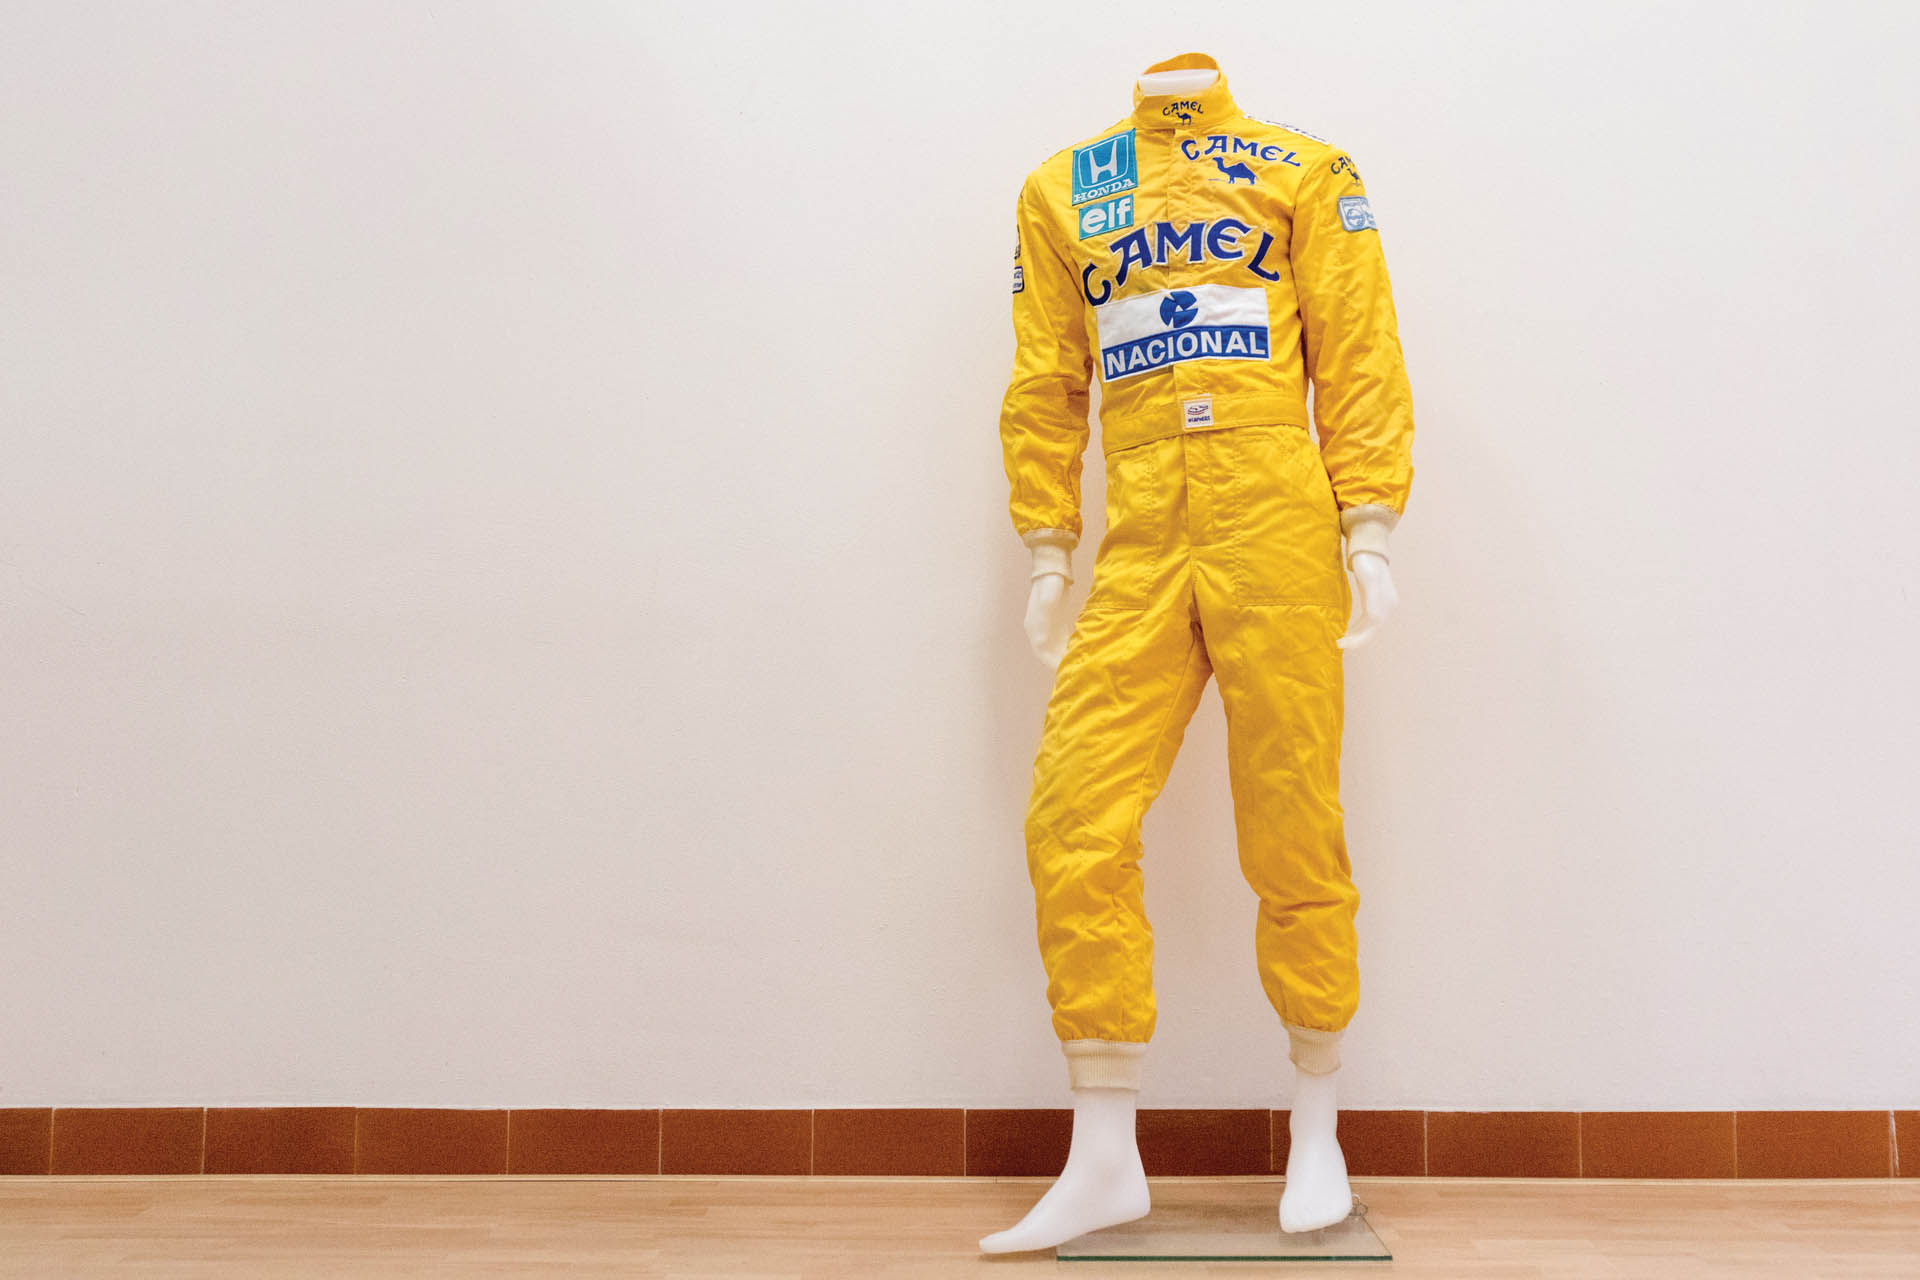 Ayrton SennaSuitMonaco GP 1987 (1)